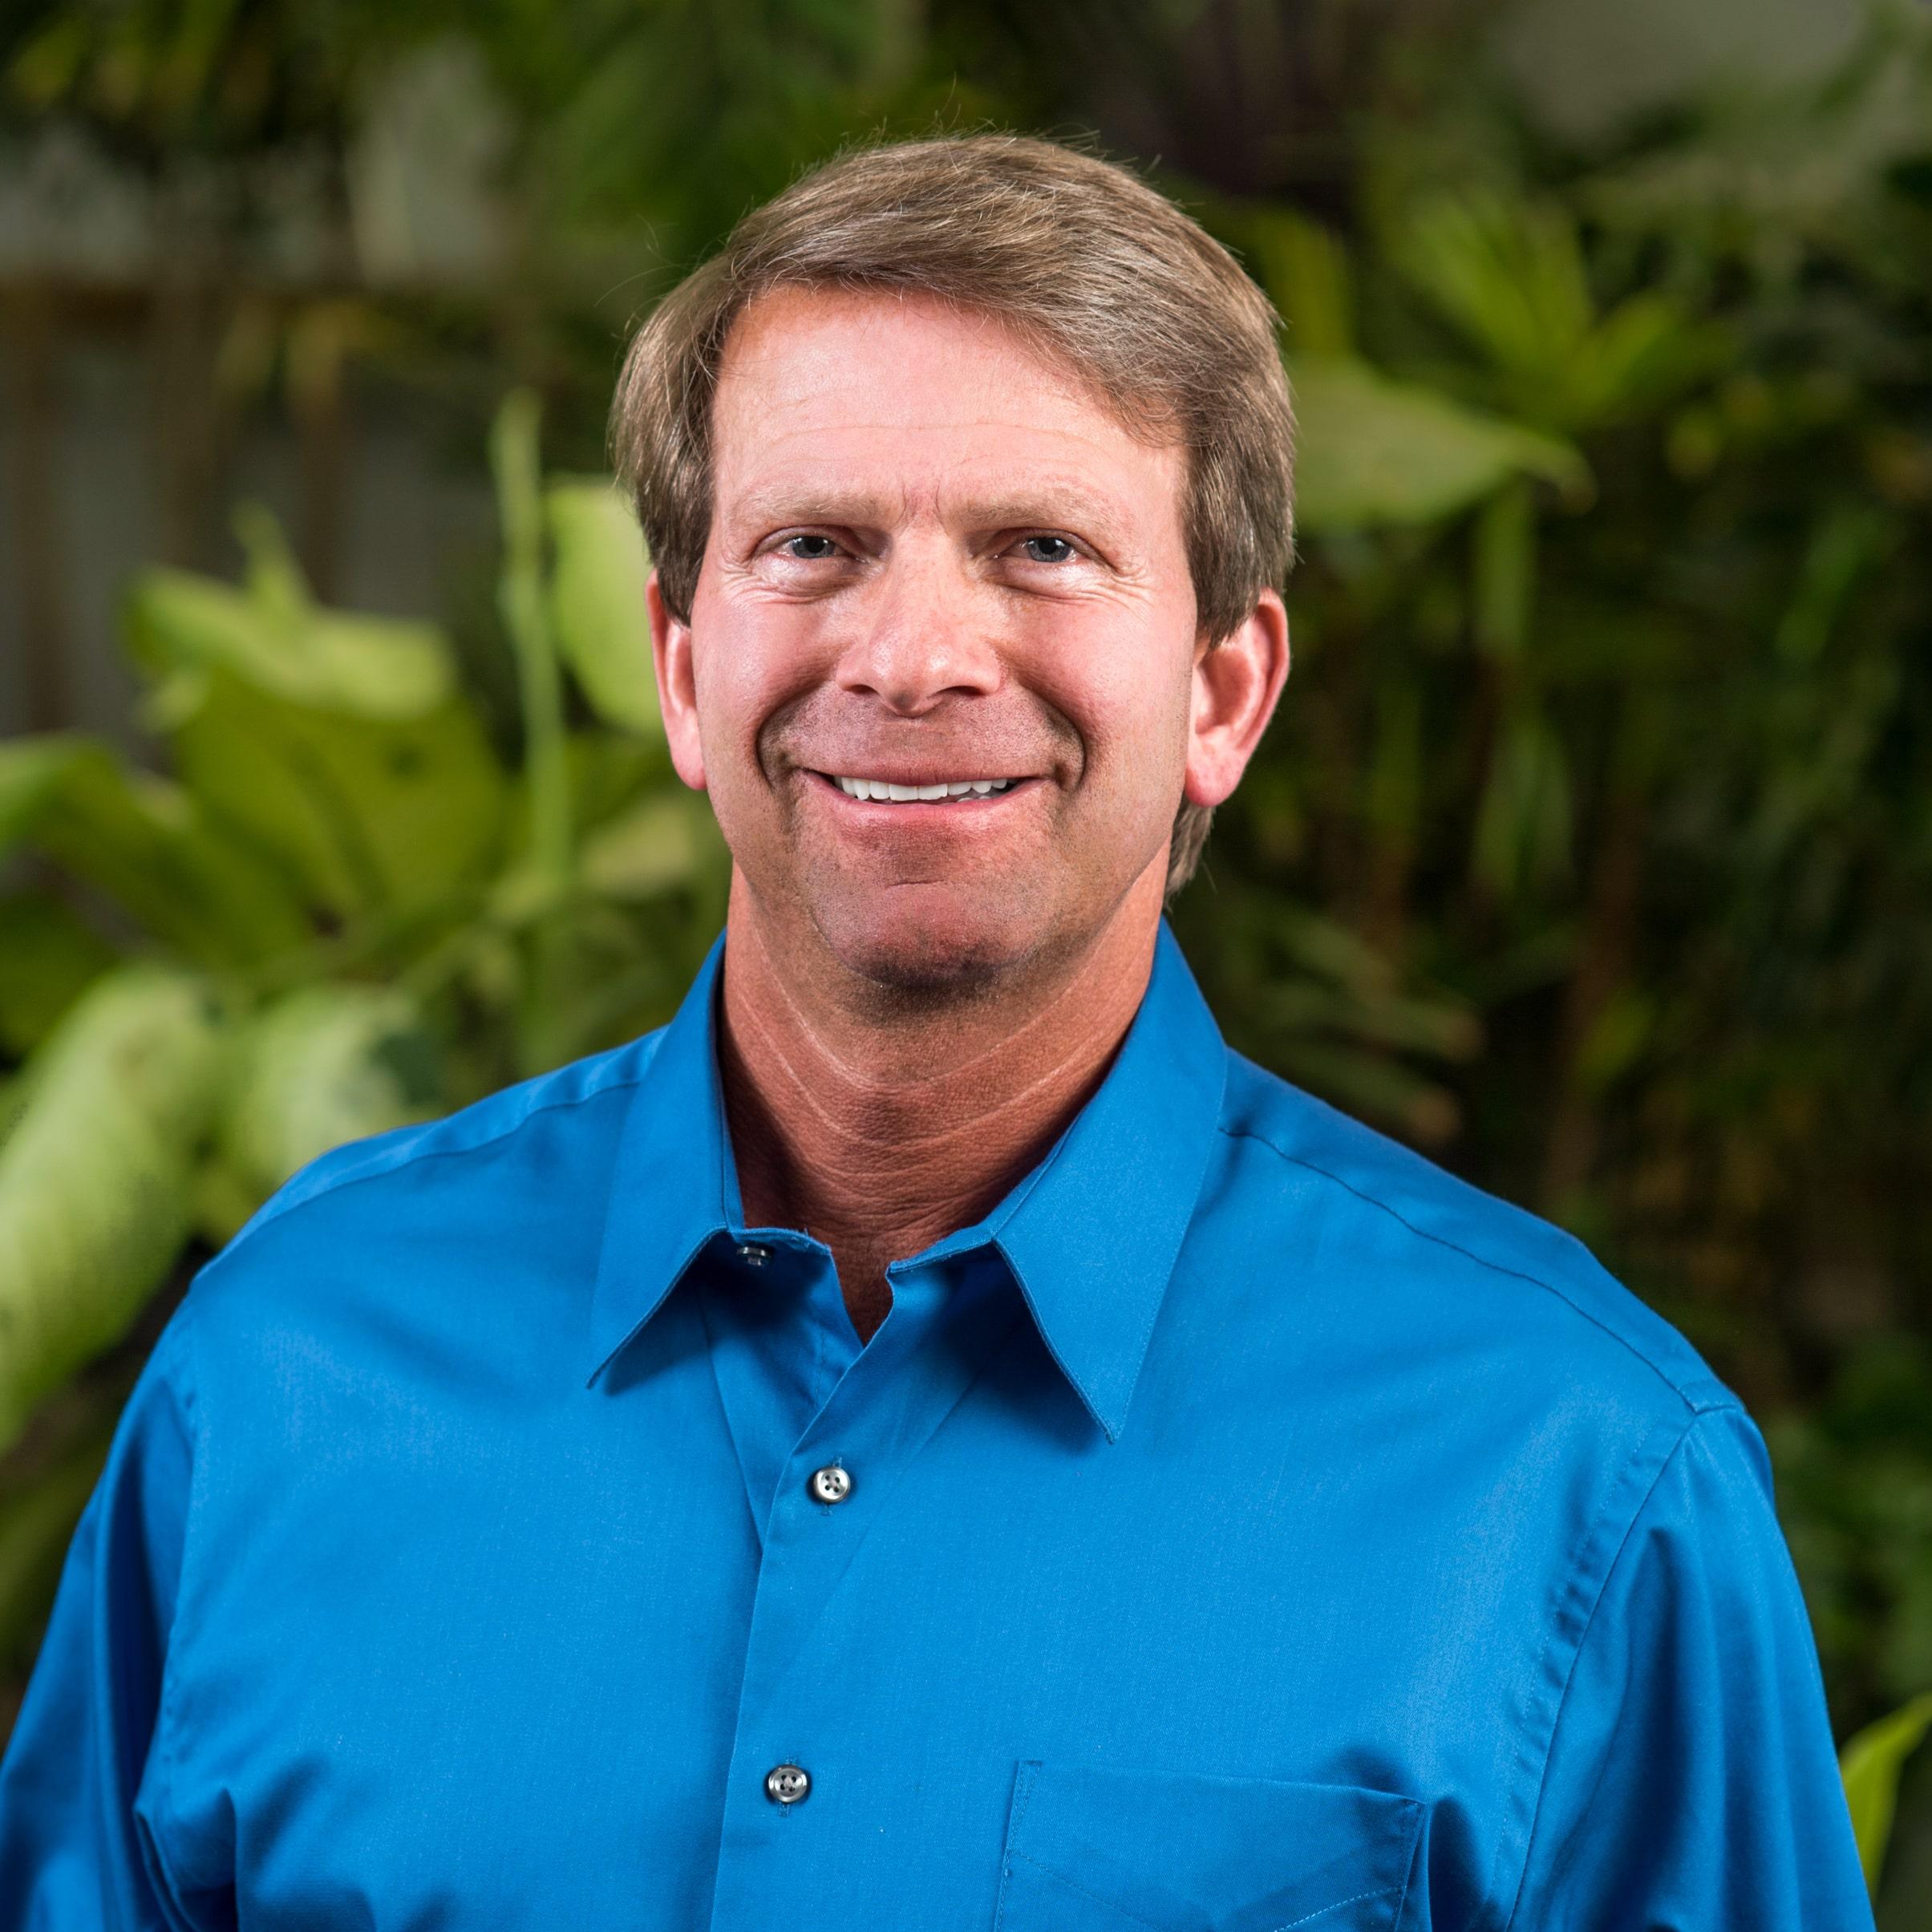 Dave Shrode